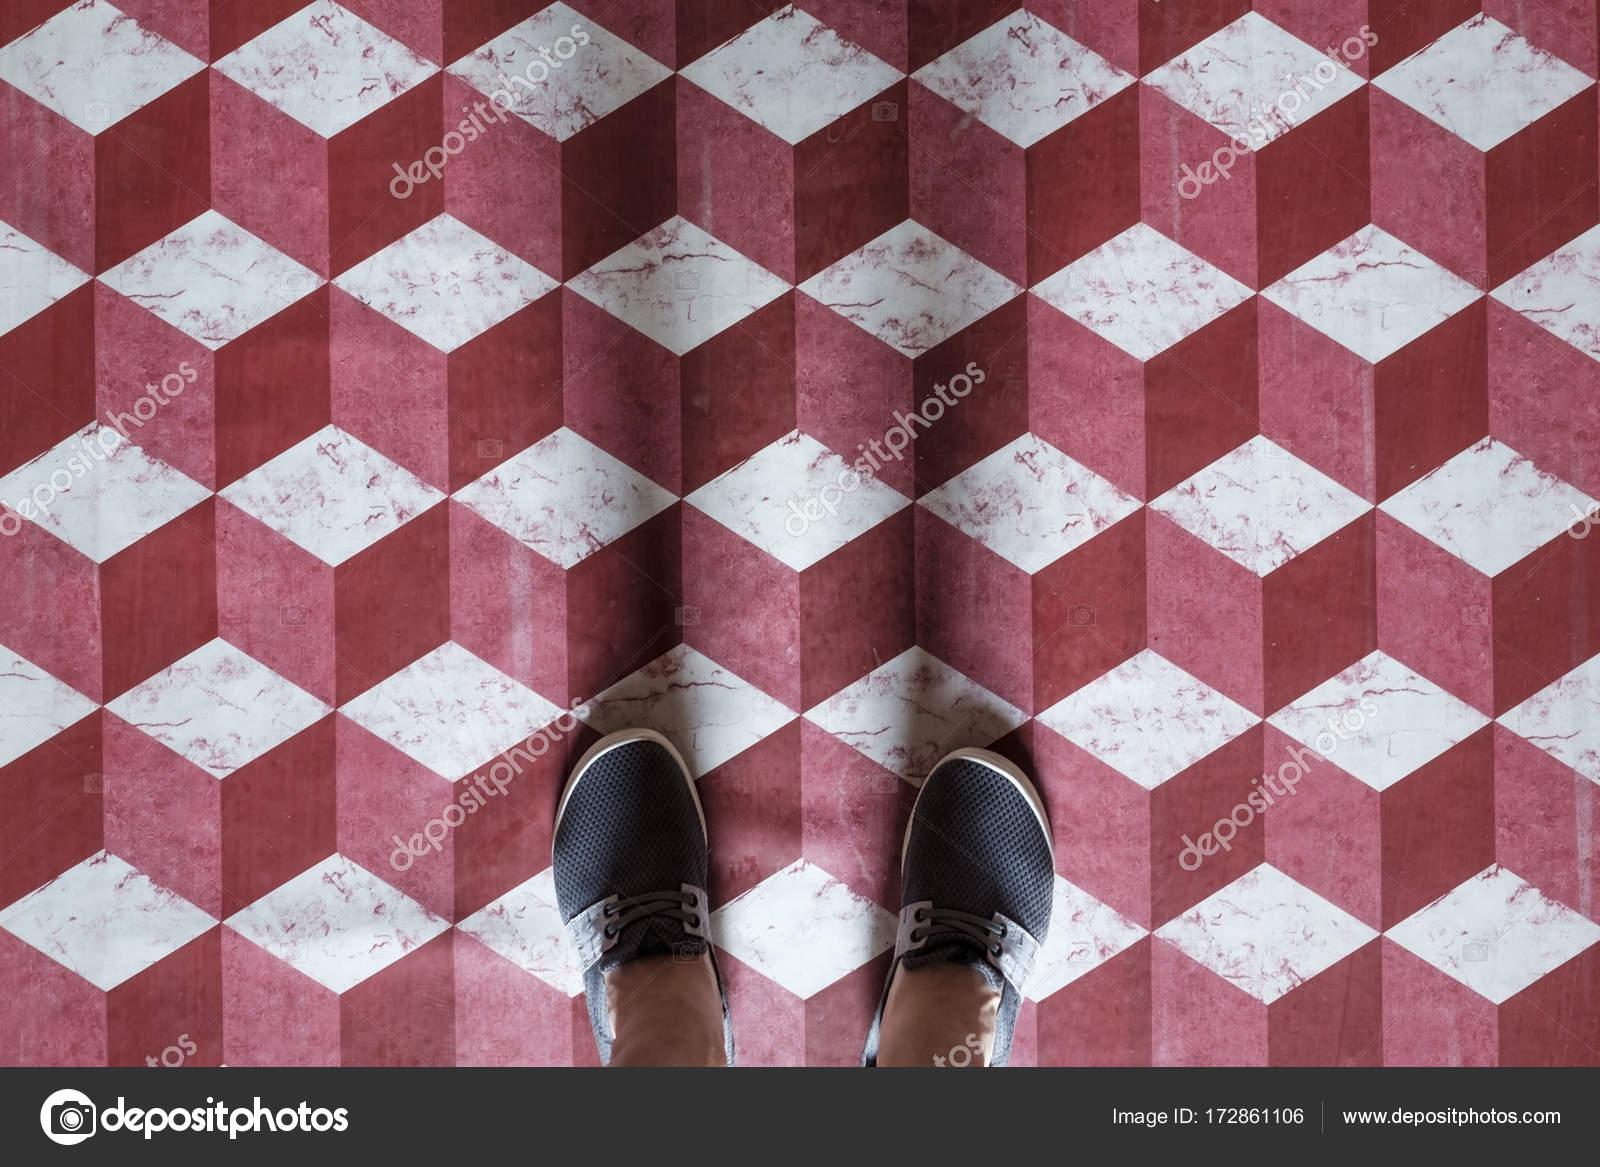 Pavimento Rosso E Bianco : Selfie dei piedi con scarpe sneaker su arte modello piastrelle